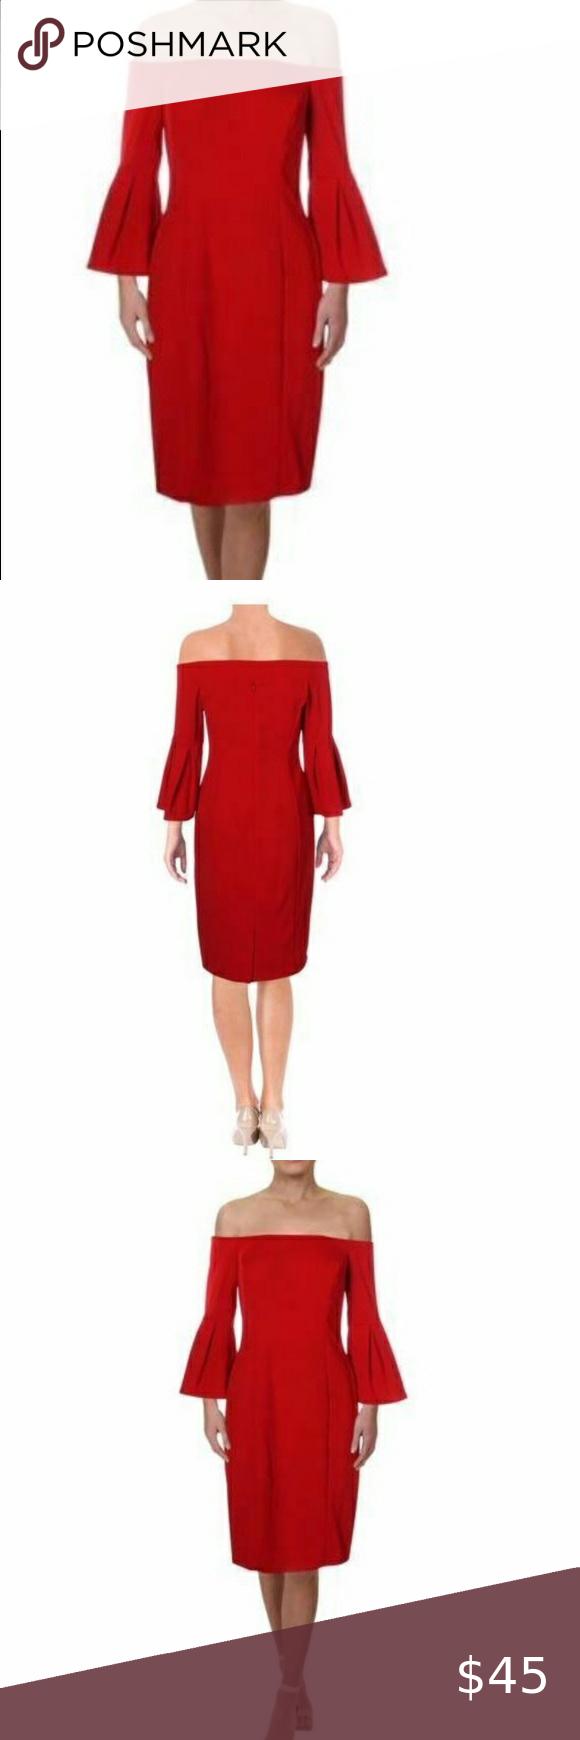 Vince Camuto Off Shoulder Dress Red Size 6 Nwot Vince Camuto Off Shoulder Dress Red Bell Sleeve Knee Length Size 6 Nwot In 2020 Red Dress Off Shoulder Dress Dresses [ 1740 x 580 Pixel ]